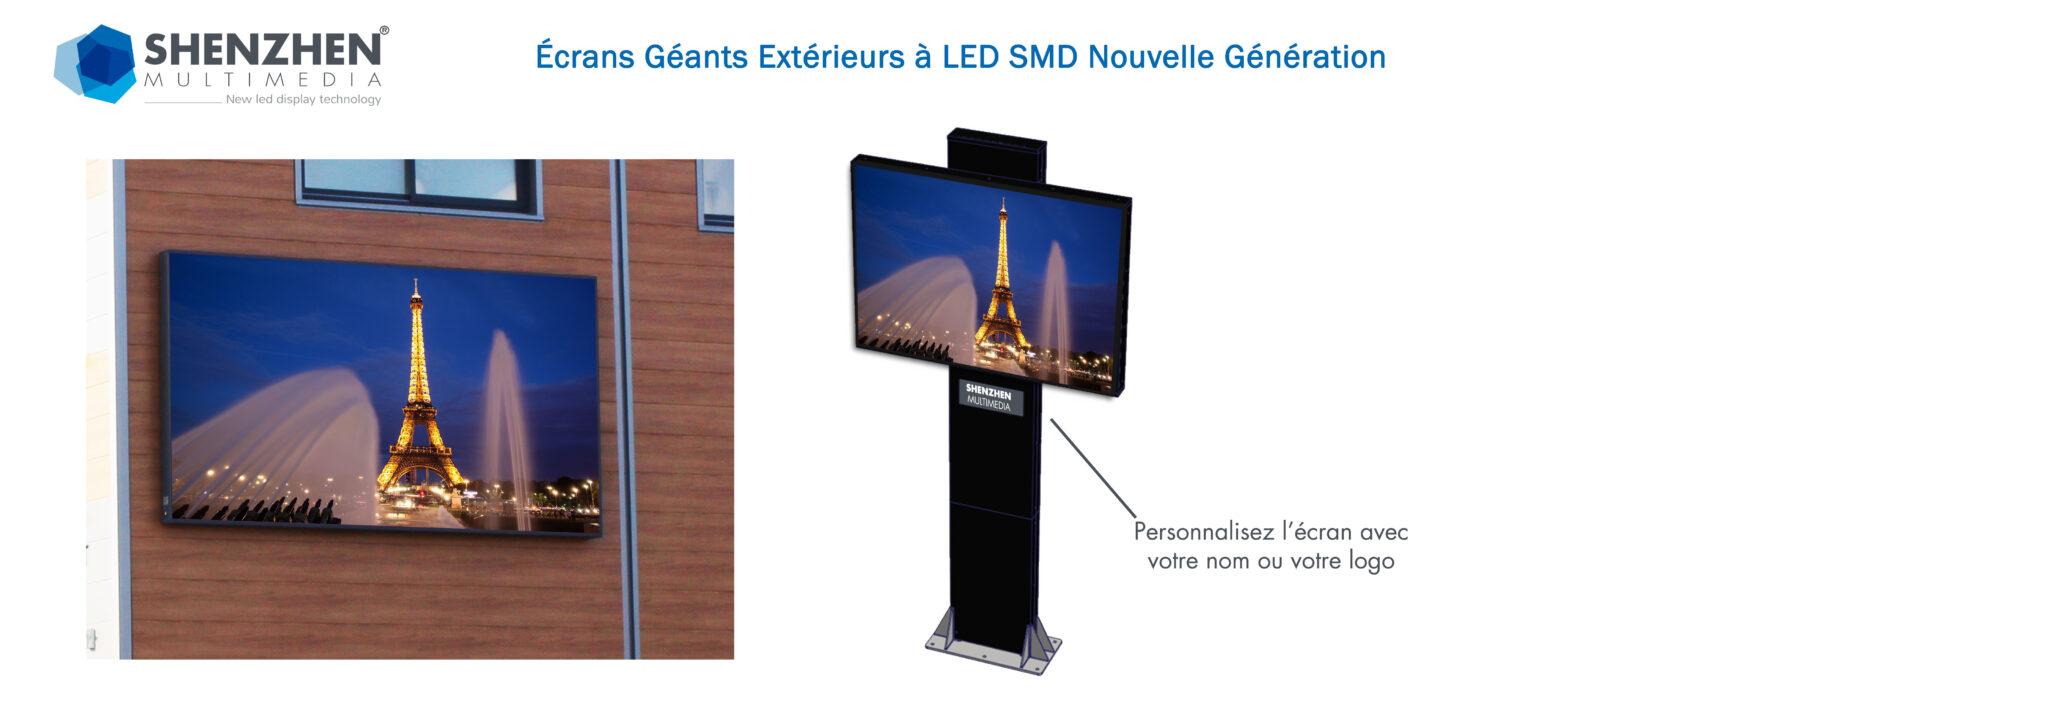 SHENZHEN-Multimédia-Ecrans-extérieurs-nouvelle-génération-version-5